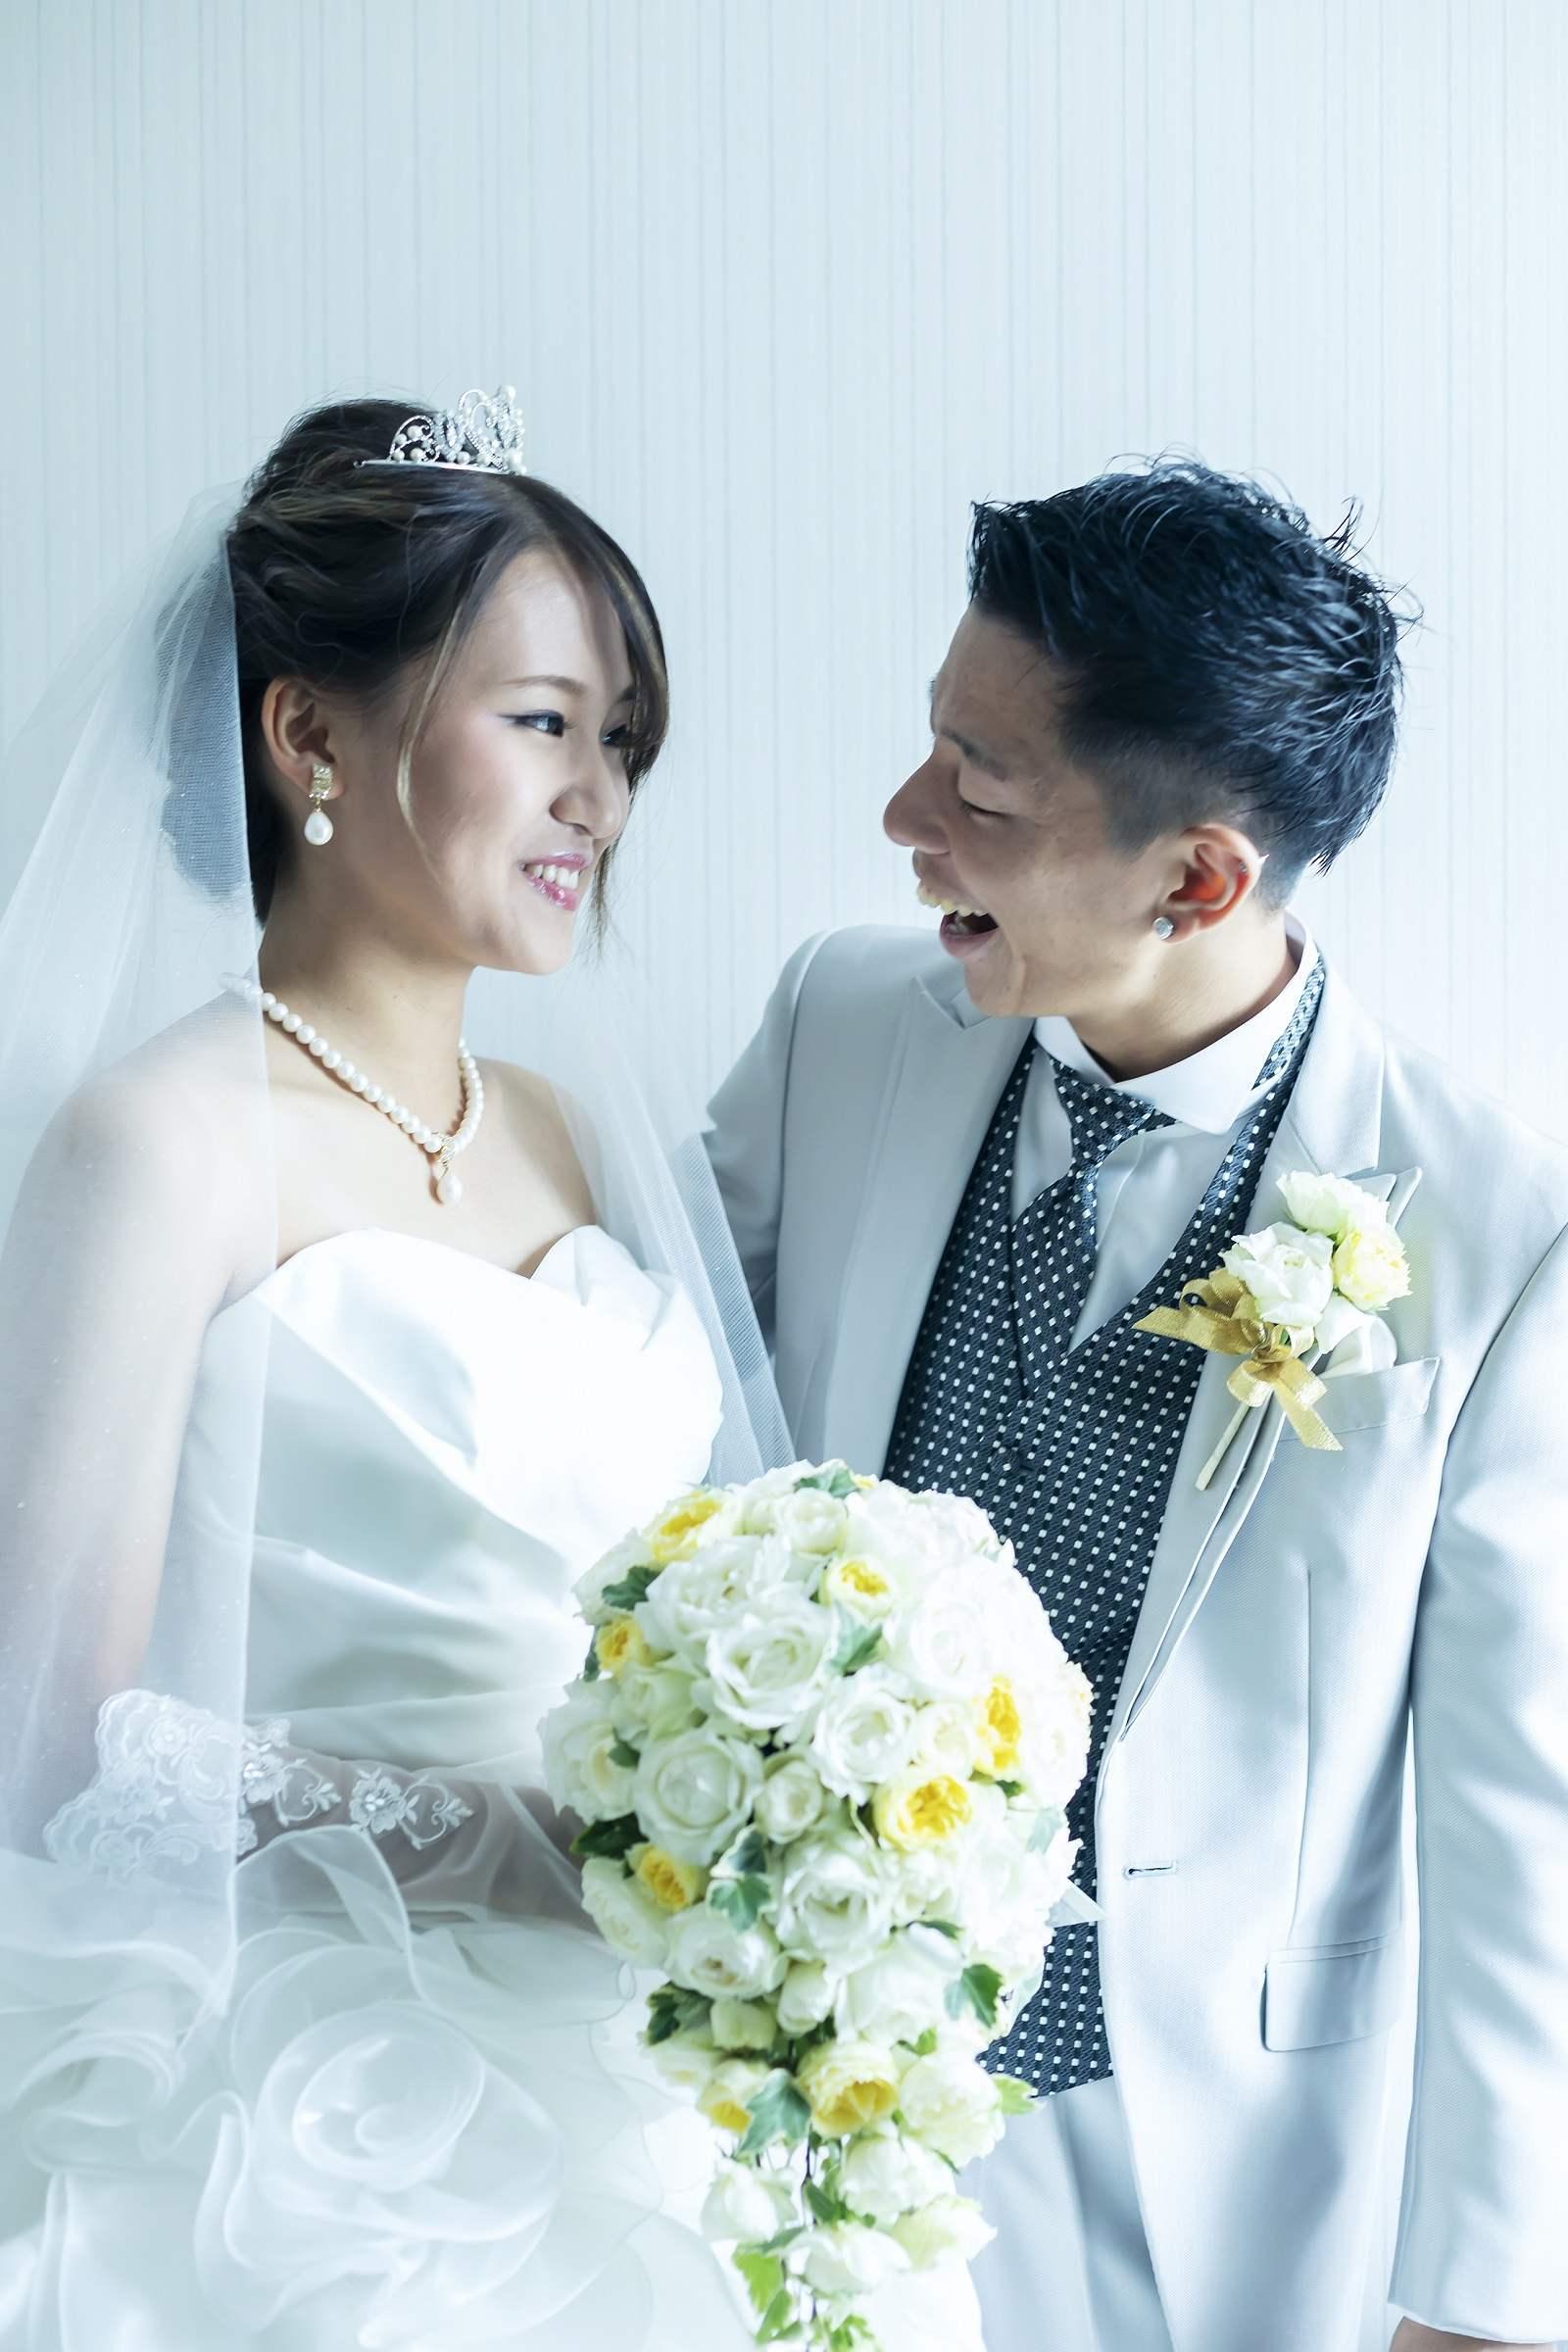 香川県高松市の小さな結婚式相談カウンターマリマリコンシェルジュのご紹介式場での新郎新婦